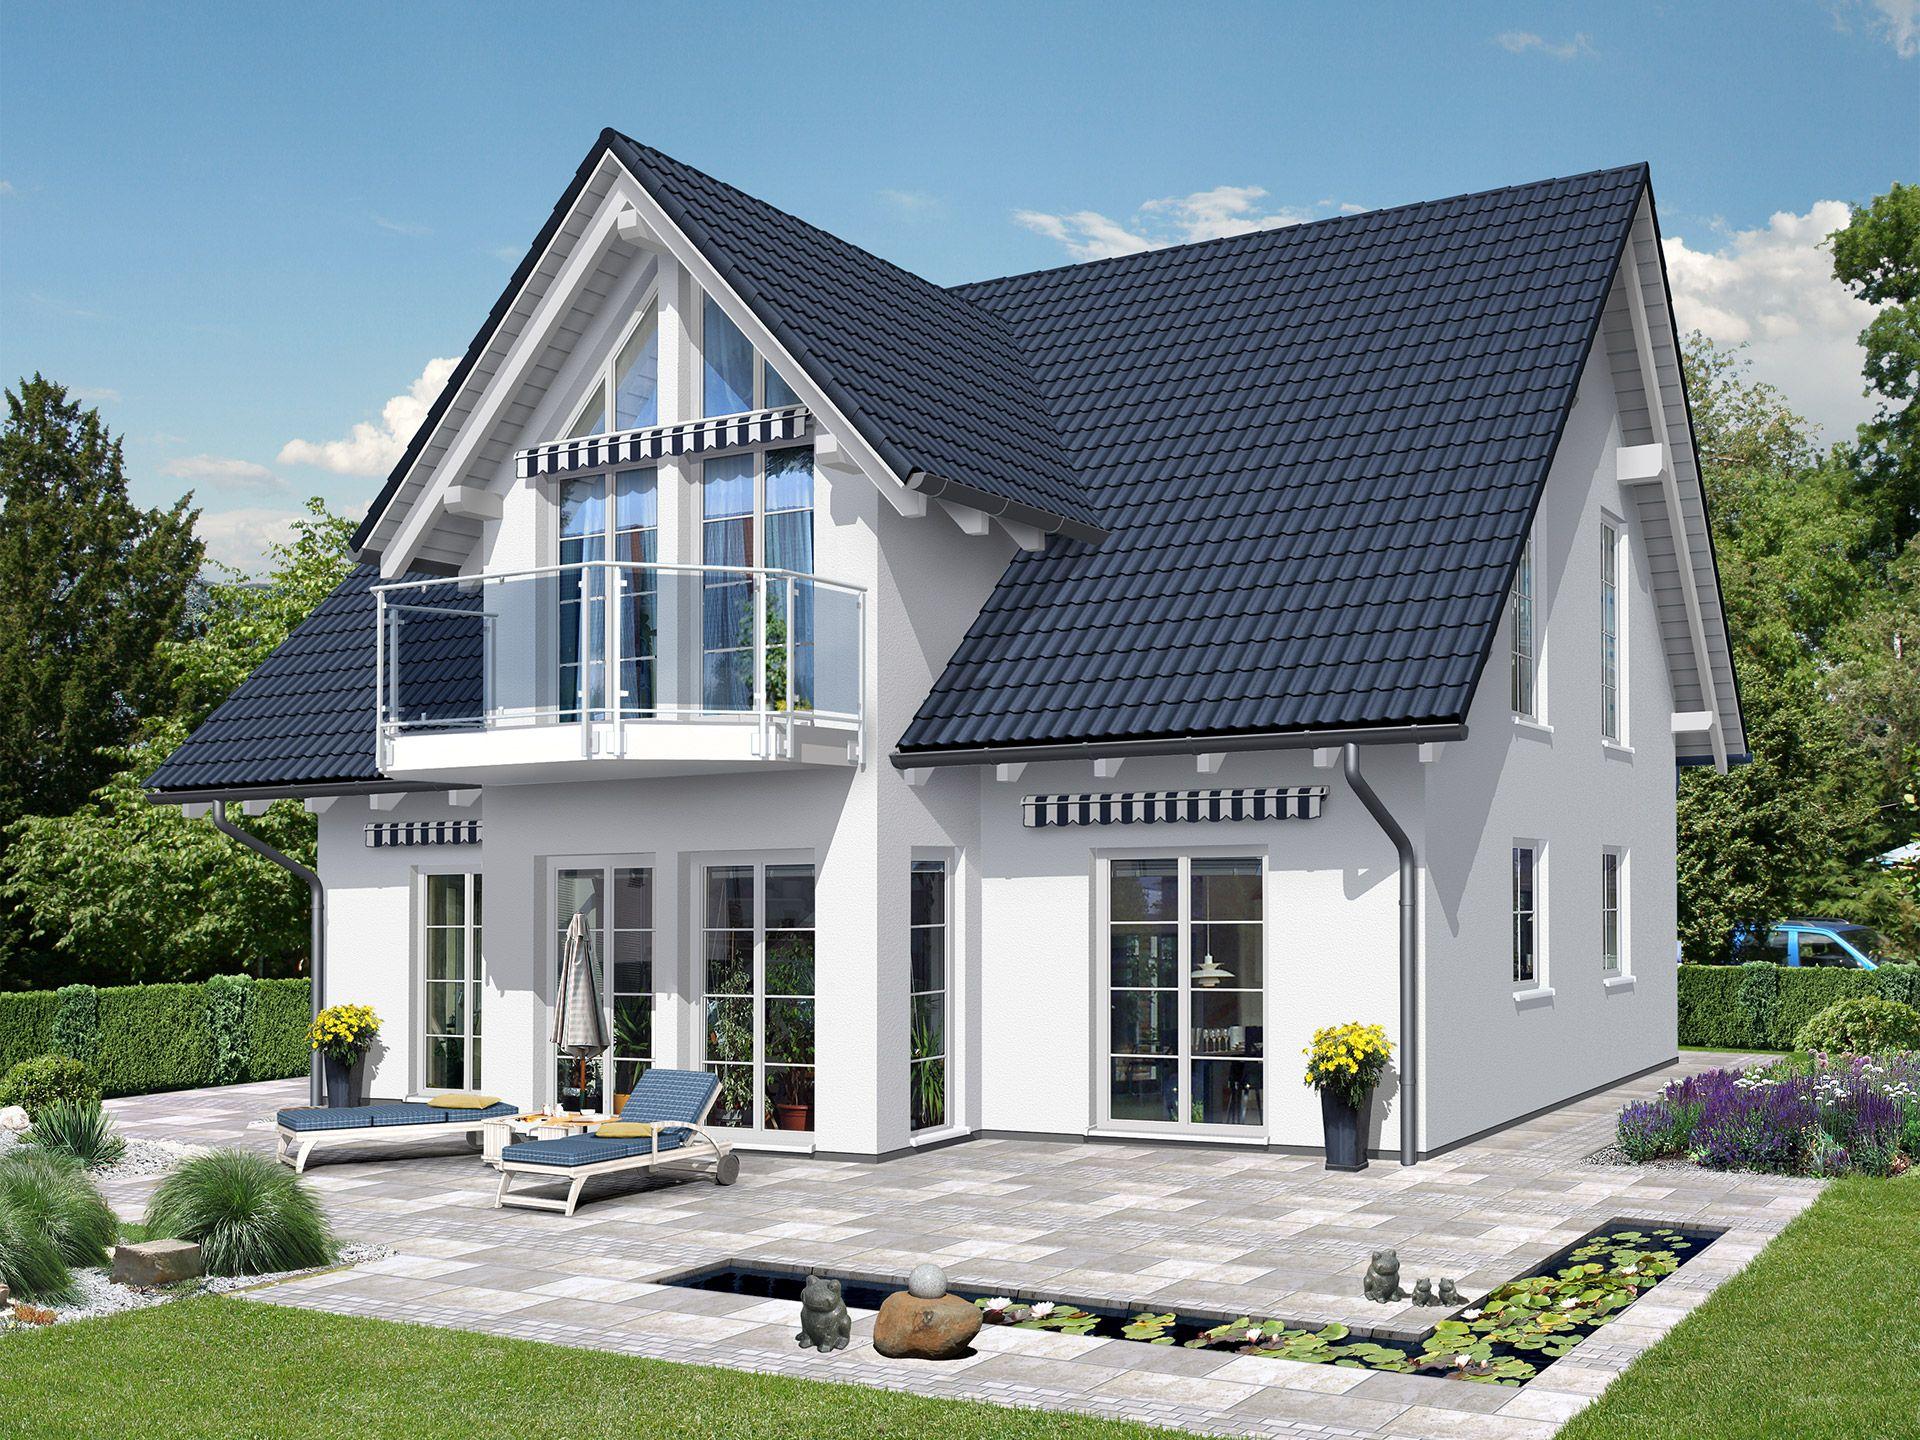 beispielhaus 19 0 einfamilienhaus von ytong bausatzhaus. Black Bedroom Furniture Sets. Home Design Ideas